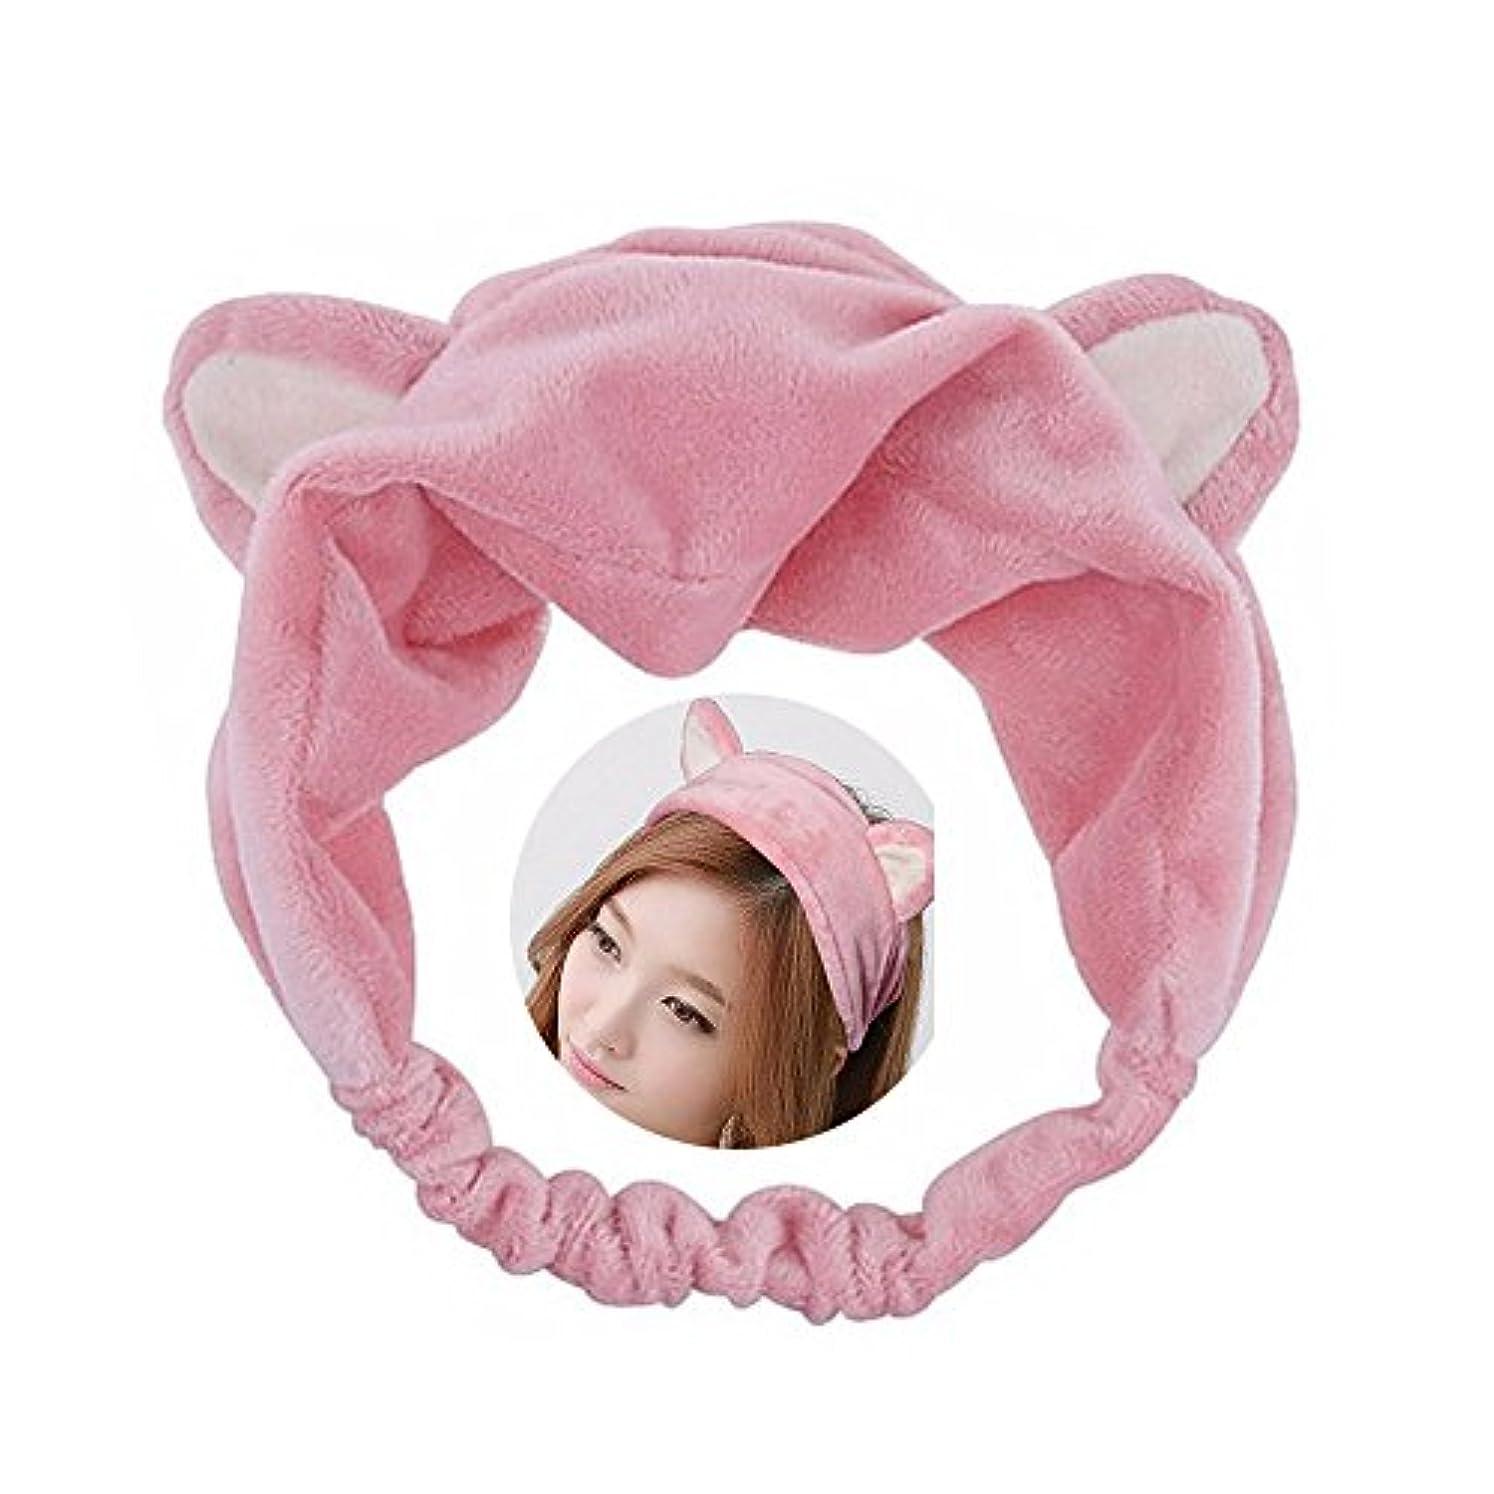 賭け手術サイトライン可愛い 猫 耳 ヘアバンド メイク アップ フェイス マスク スポーツ カチューシャ 髪型 ピンク